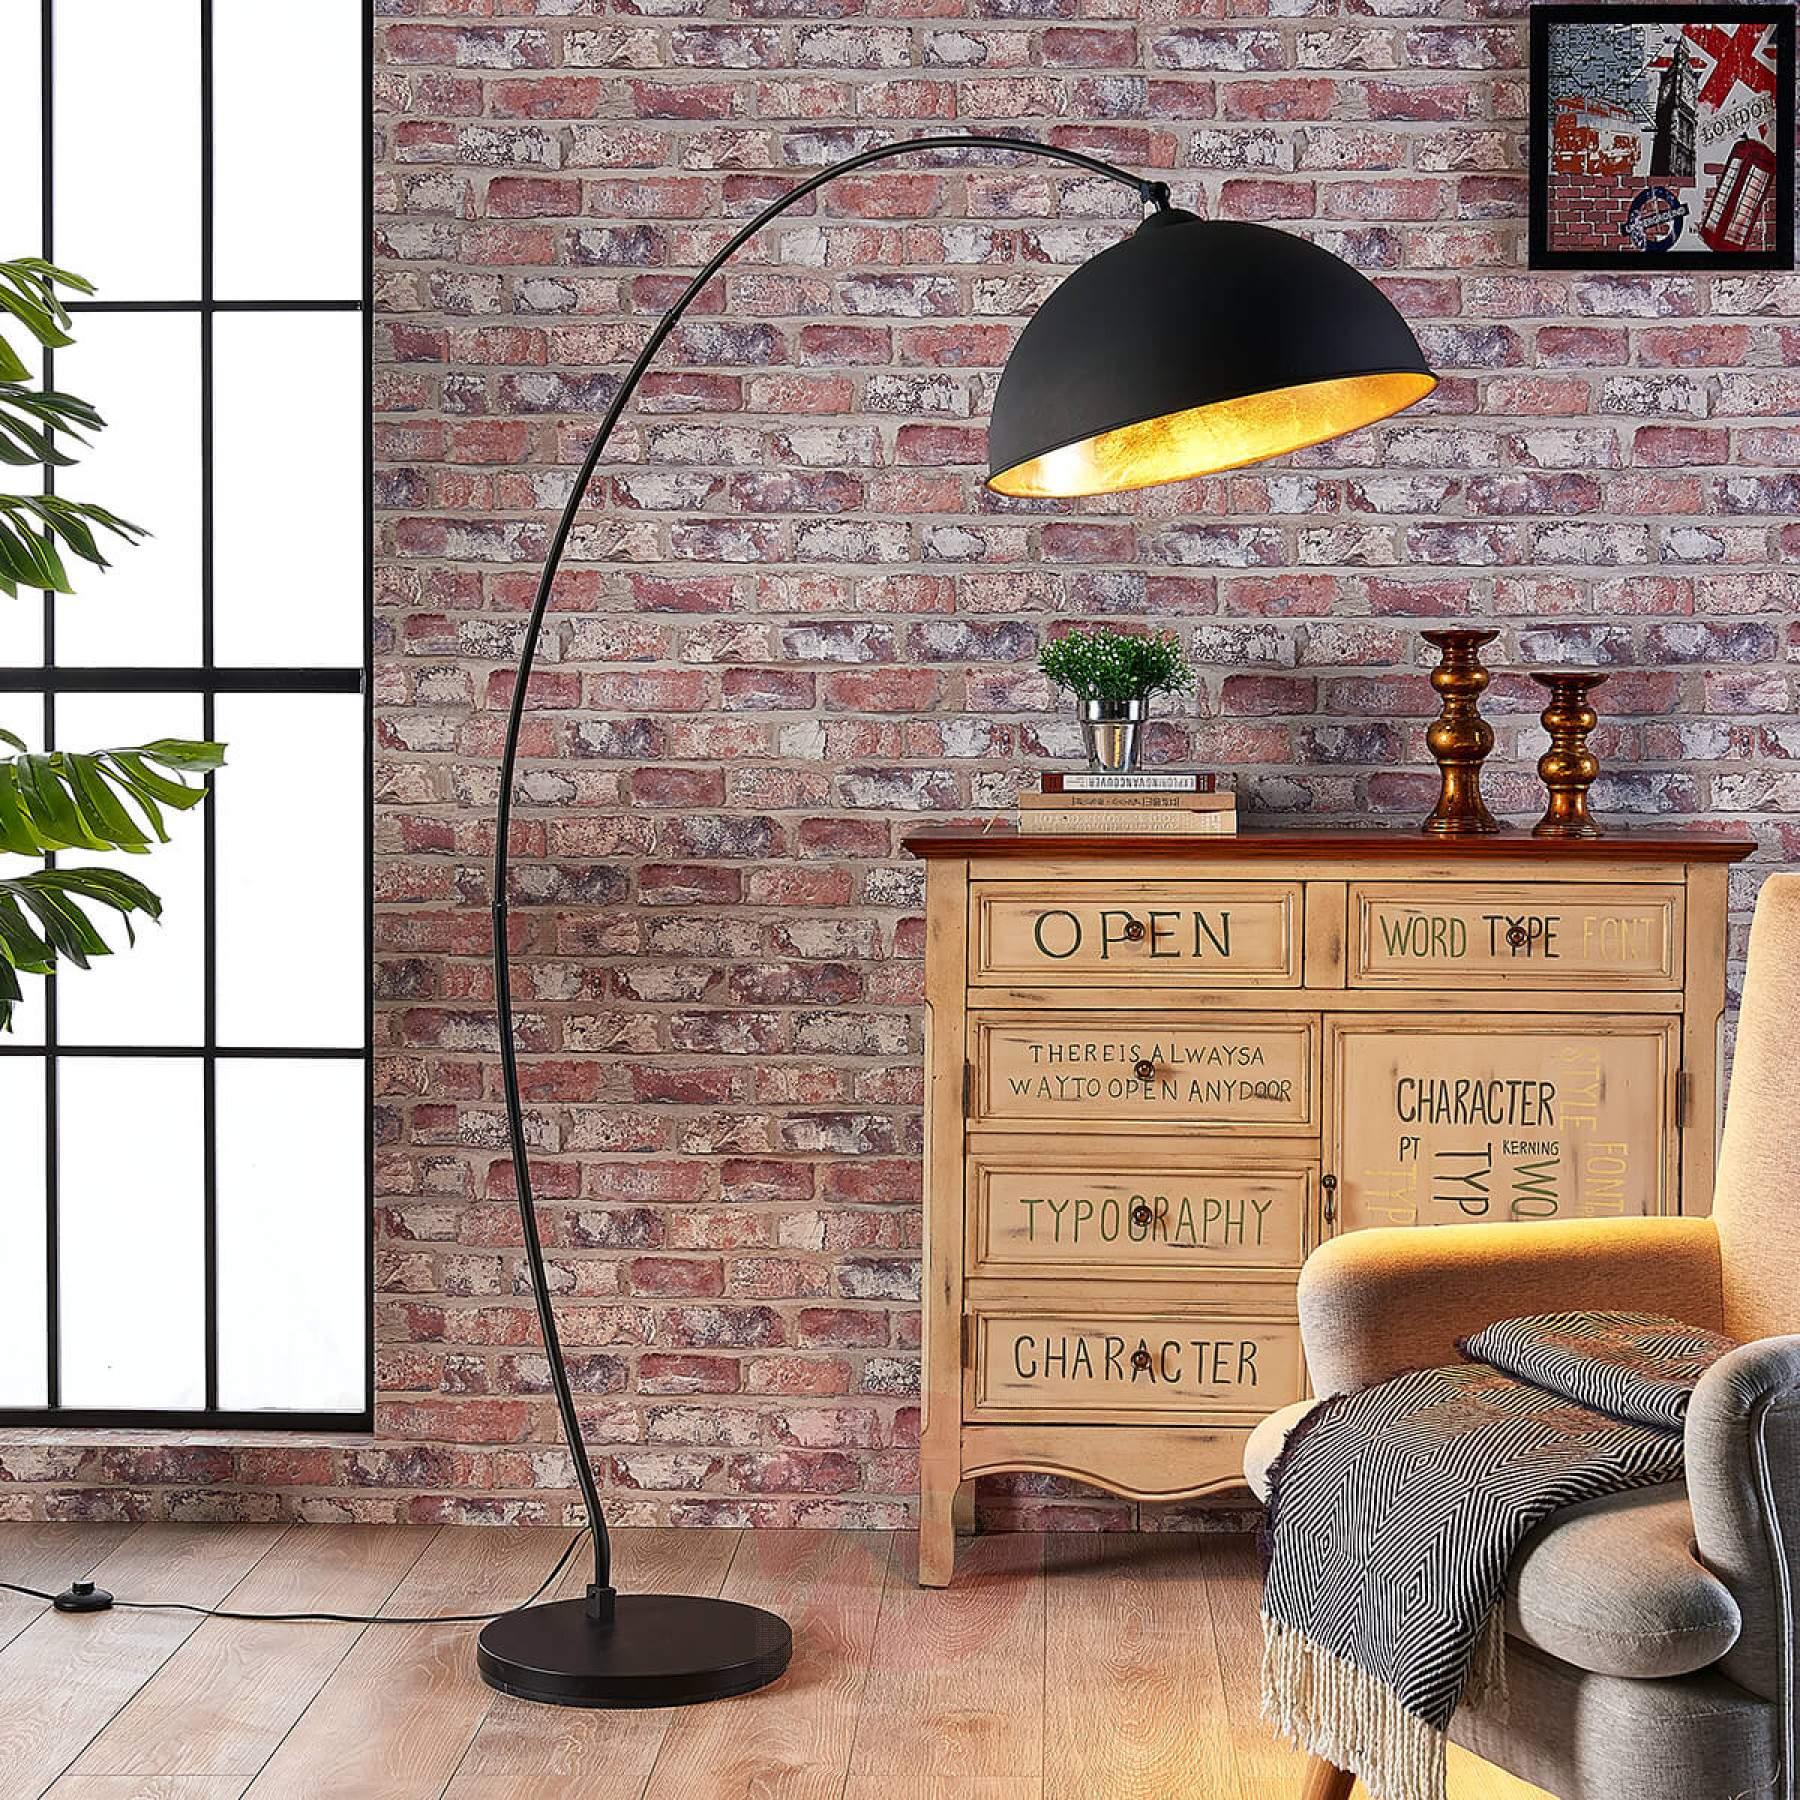 Full Size of Wohnzimmer Stehlampe Modern Stehlampen Bett Design Deckenleuchte Fototapete Board Sideboard Schrankwand Poster Wandbild Landhausstil Moderne Bilder Fürs Wohnzimmer Wohnzimmer Stehlampe Modern